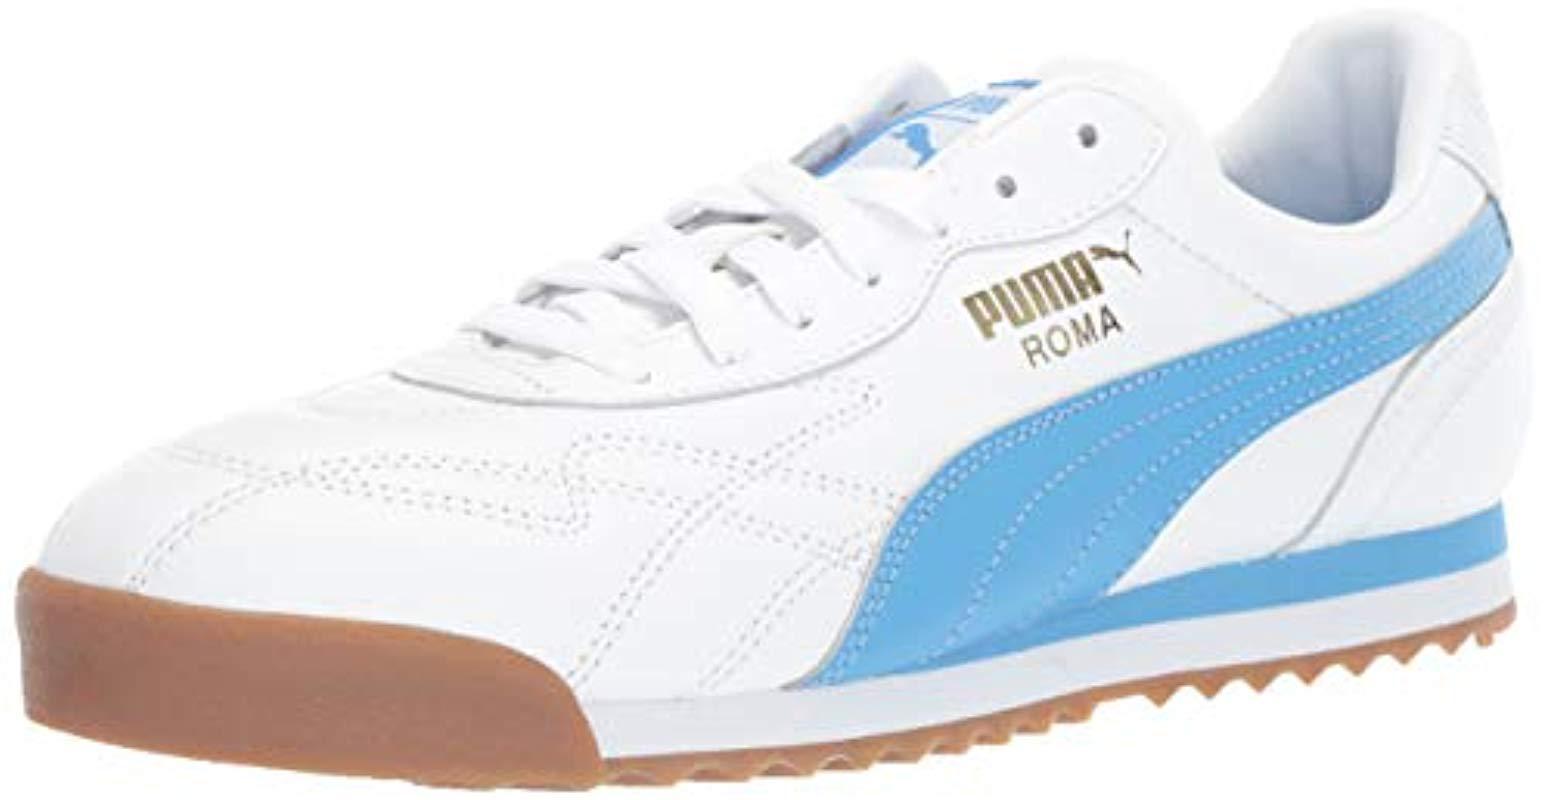 PUMA Roma Anniversario Sneaker in Blue